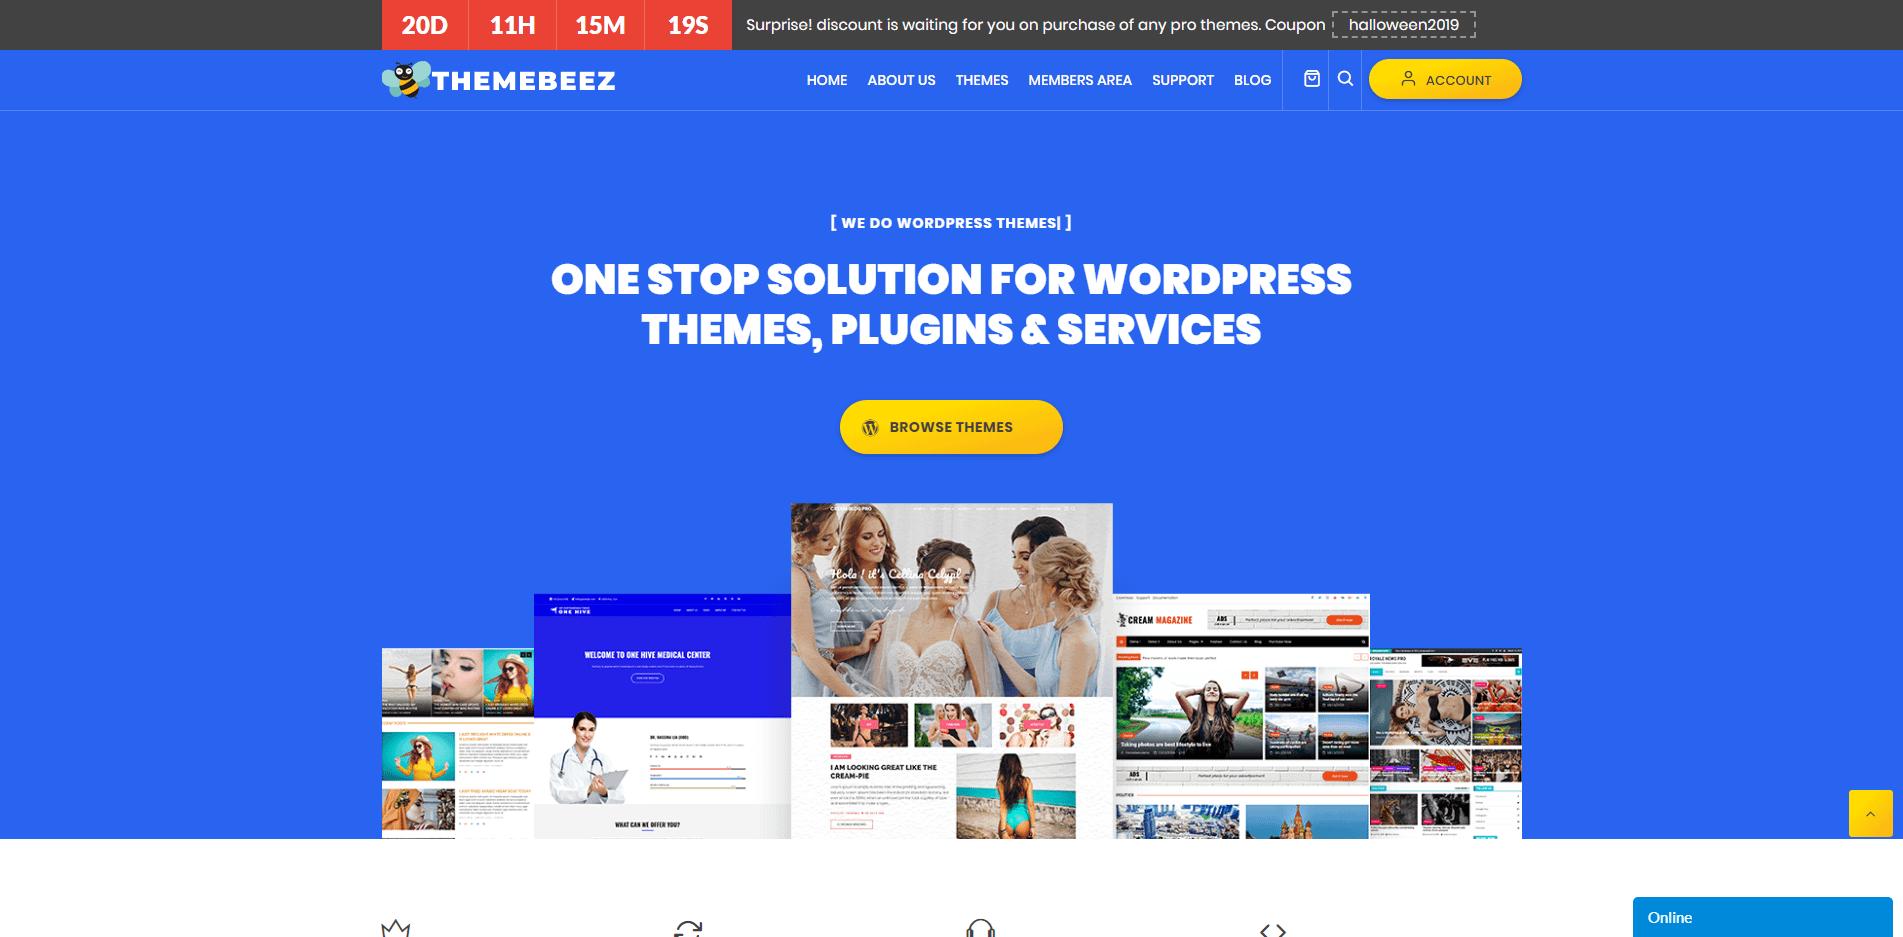 ThemeBeez- WordPress Halloween Deals and Discounts